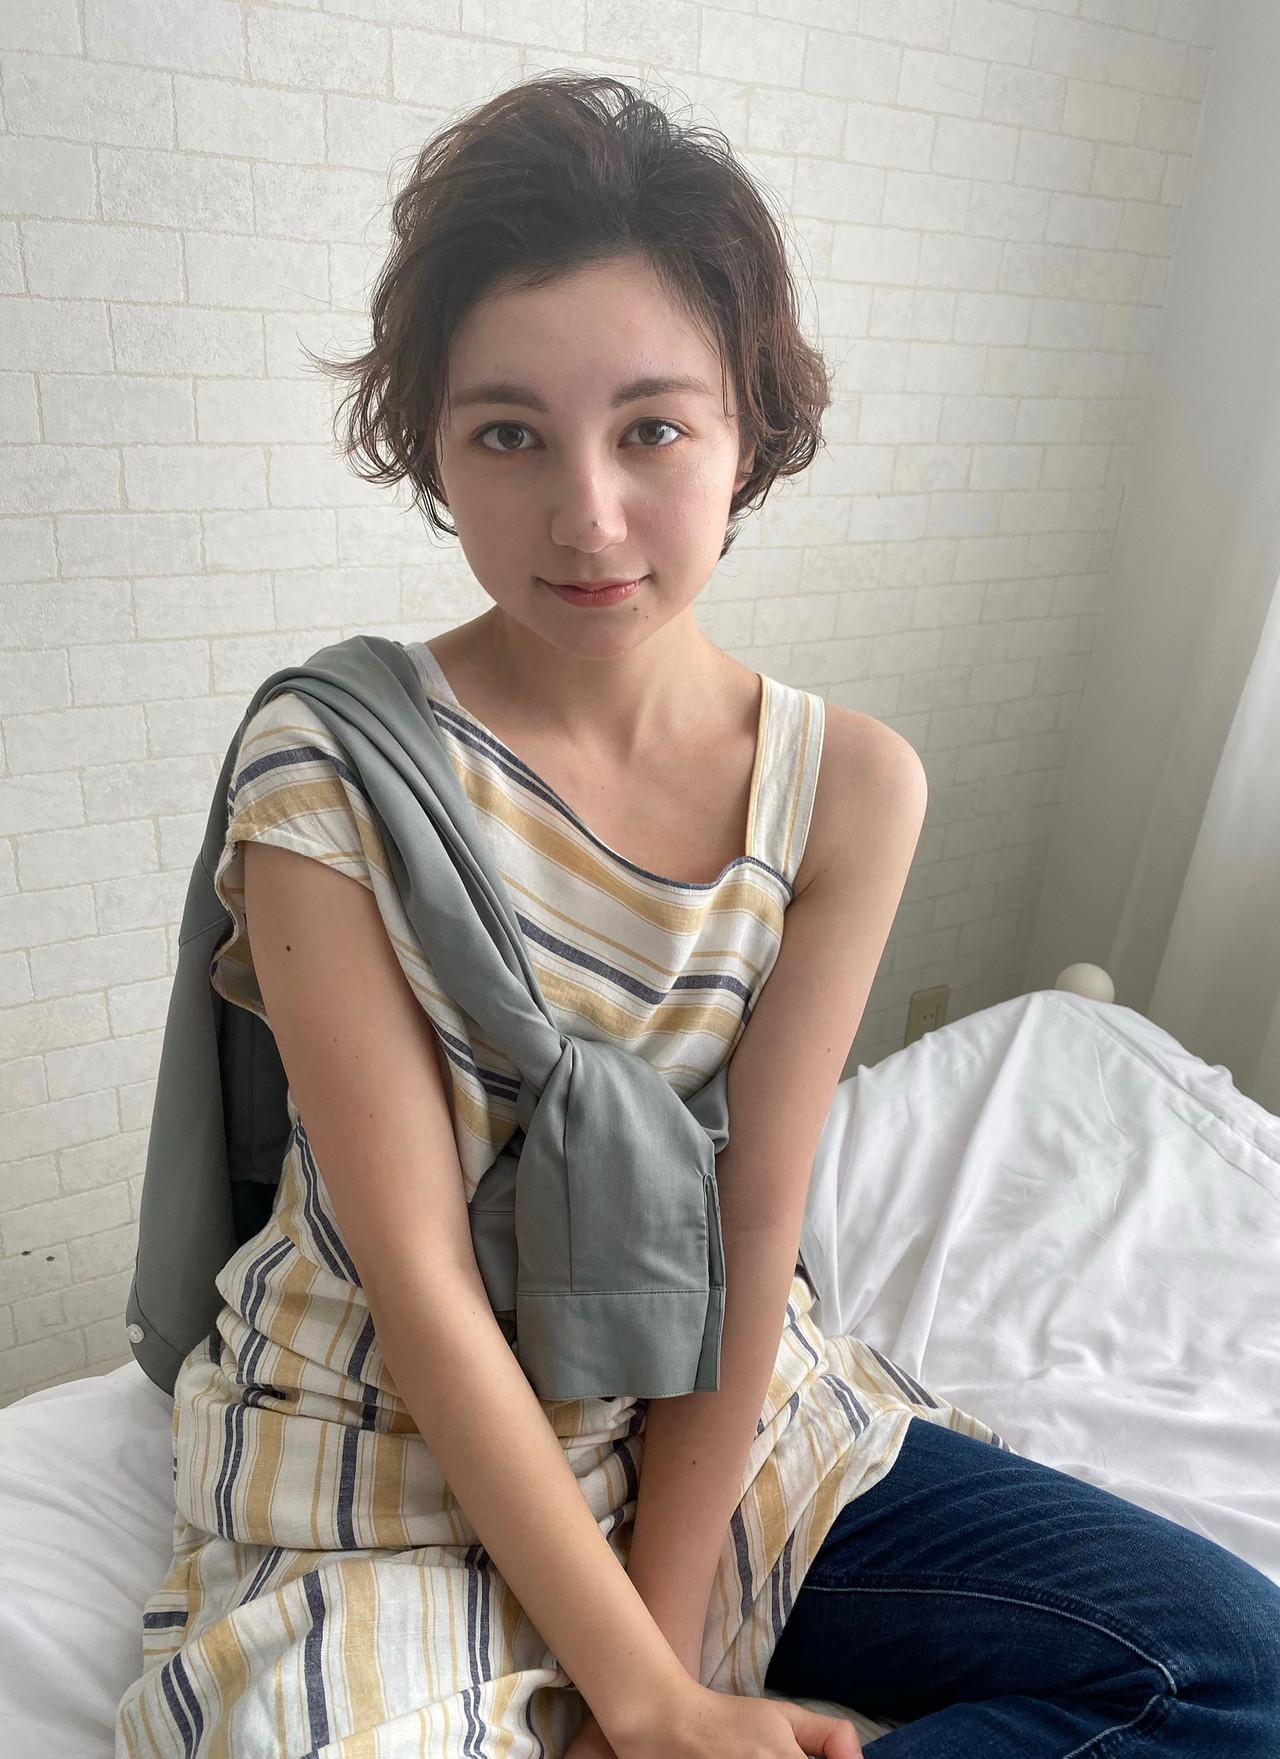 パーマ ナチュラル 大人かわいい 大人カジュアル ヘアスタイルや髪型の写真・画像 | Mirai / enntaku